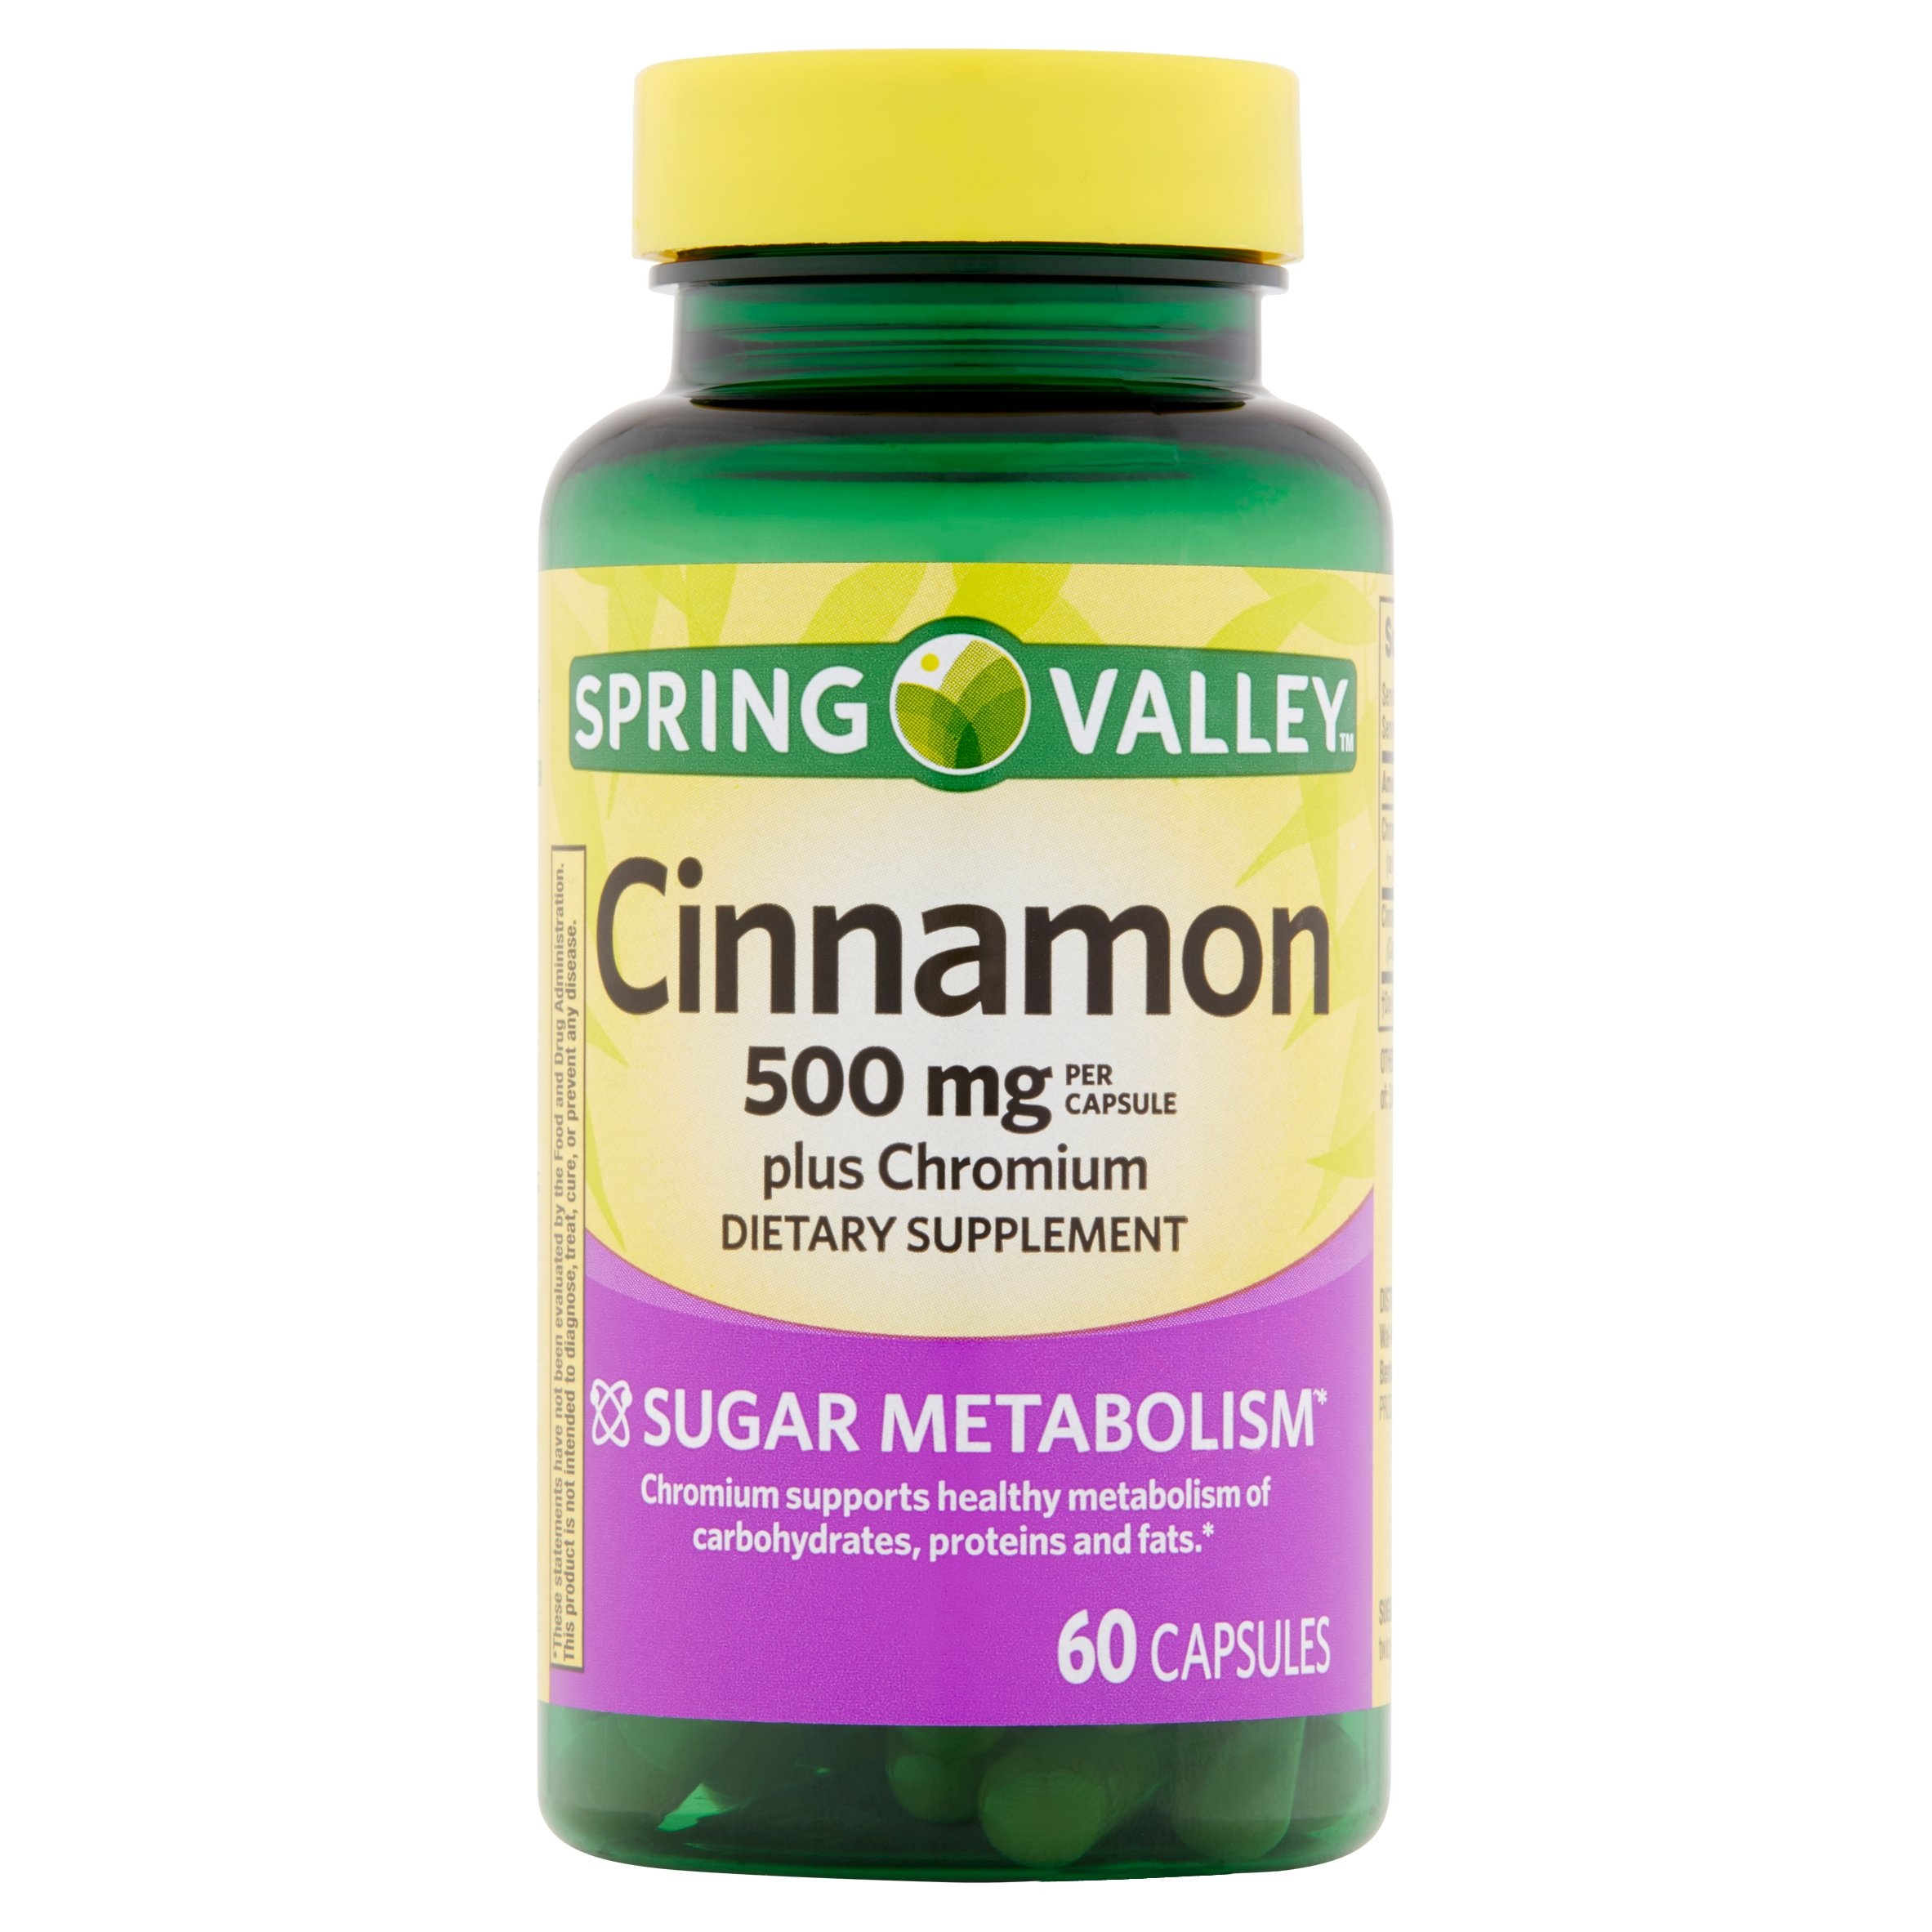 Spring Valley Cinnamon Plus Chromium Capsules, 500 mg, 60 Ct